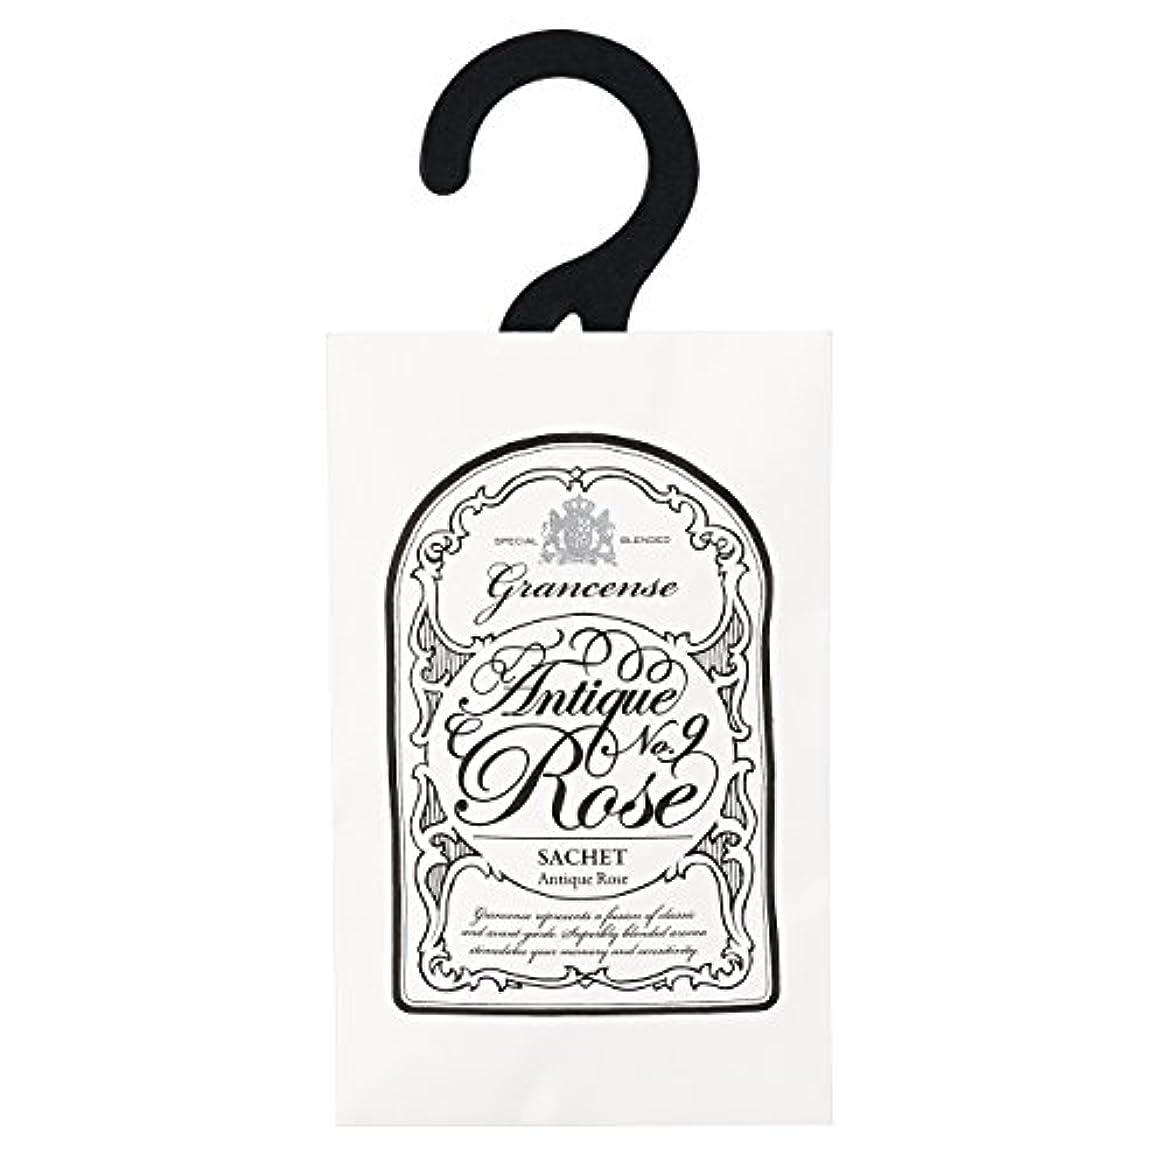 グランセンス サシェ(約2~4週間) アンティークローズ 12g(芳香剤 香り袋 アロマサシェ カシスの青さとローズをミックスした印象深い香り)